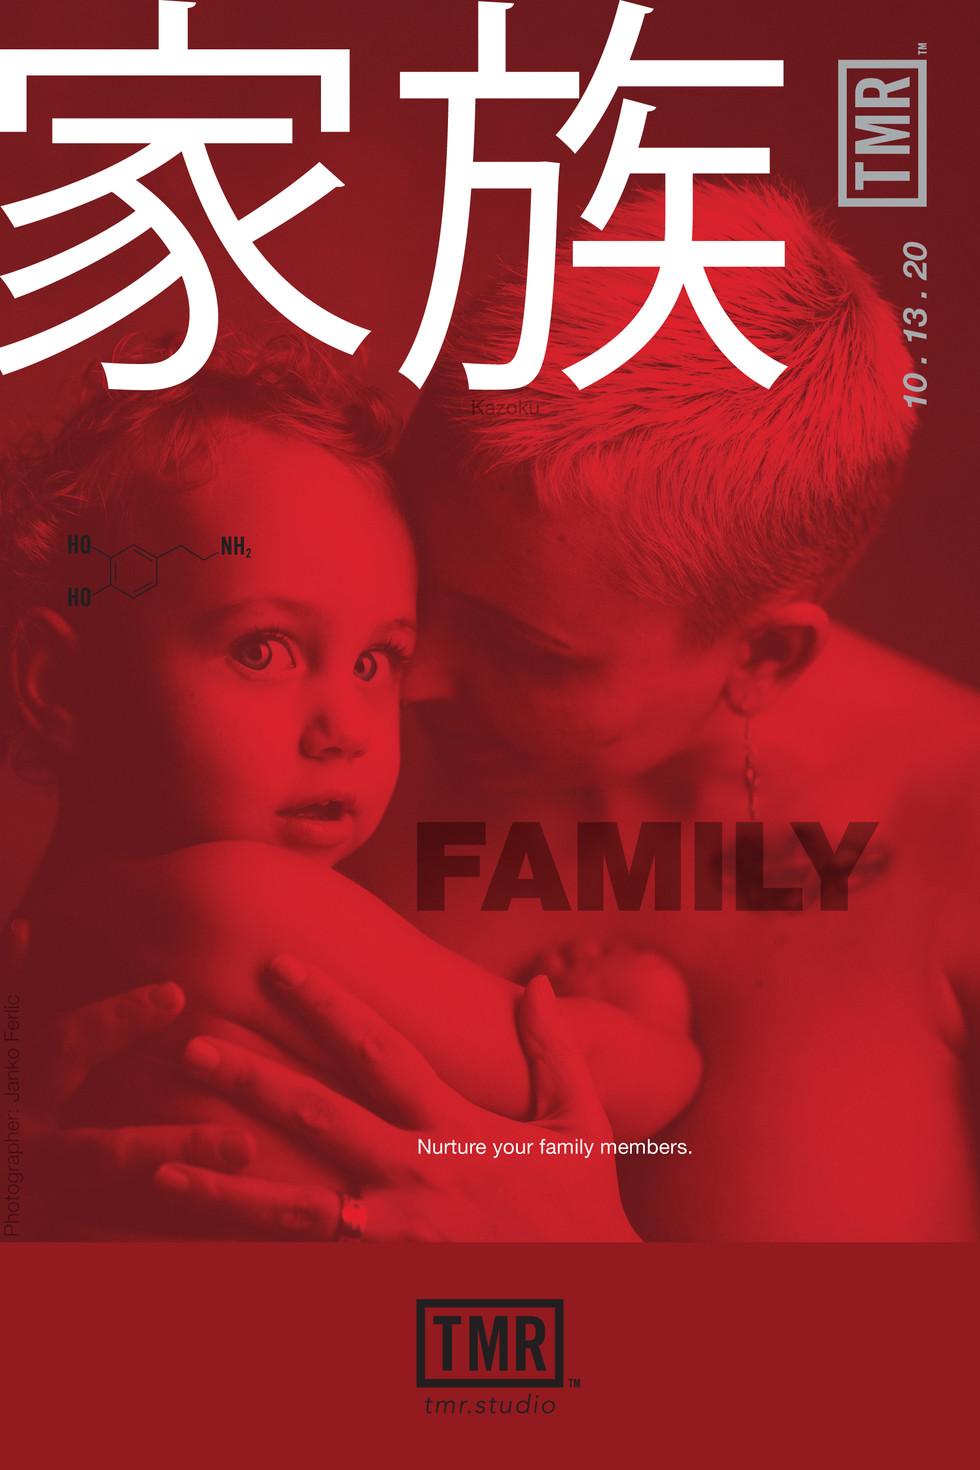 TMR-FFL-02-Family.jpg